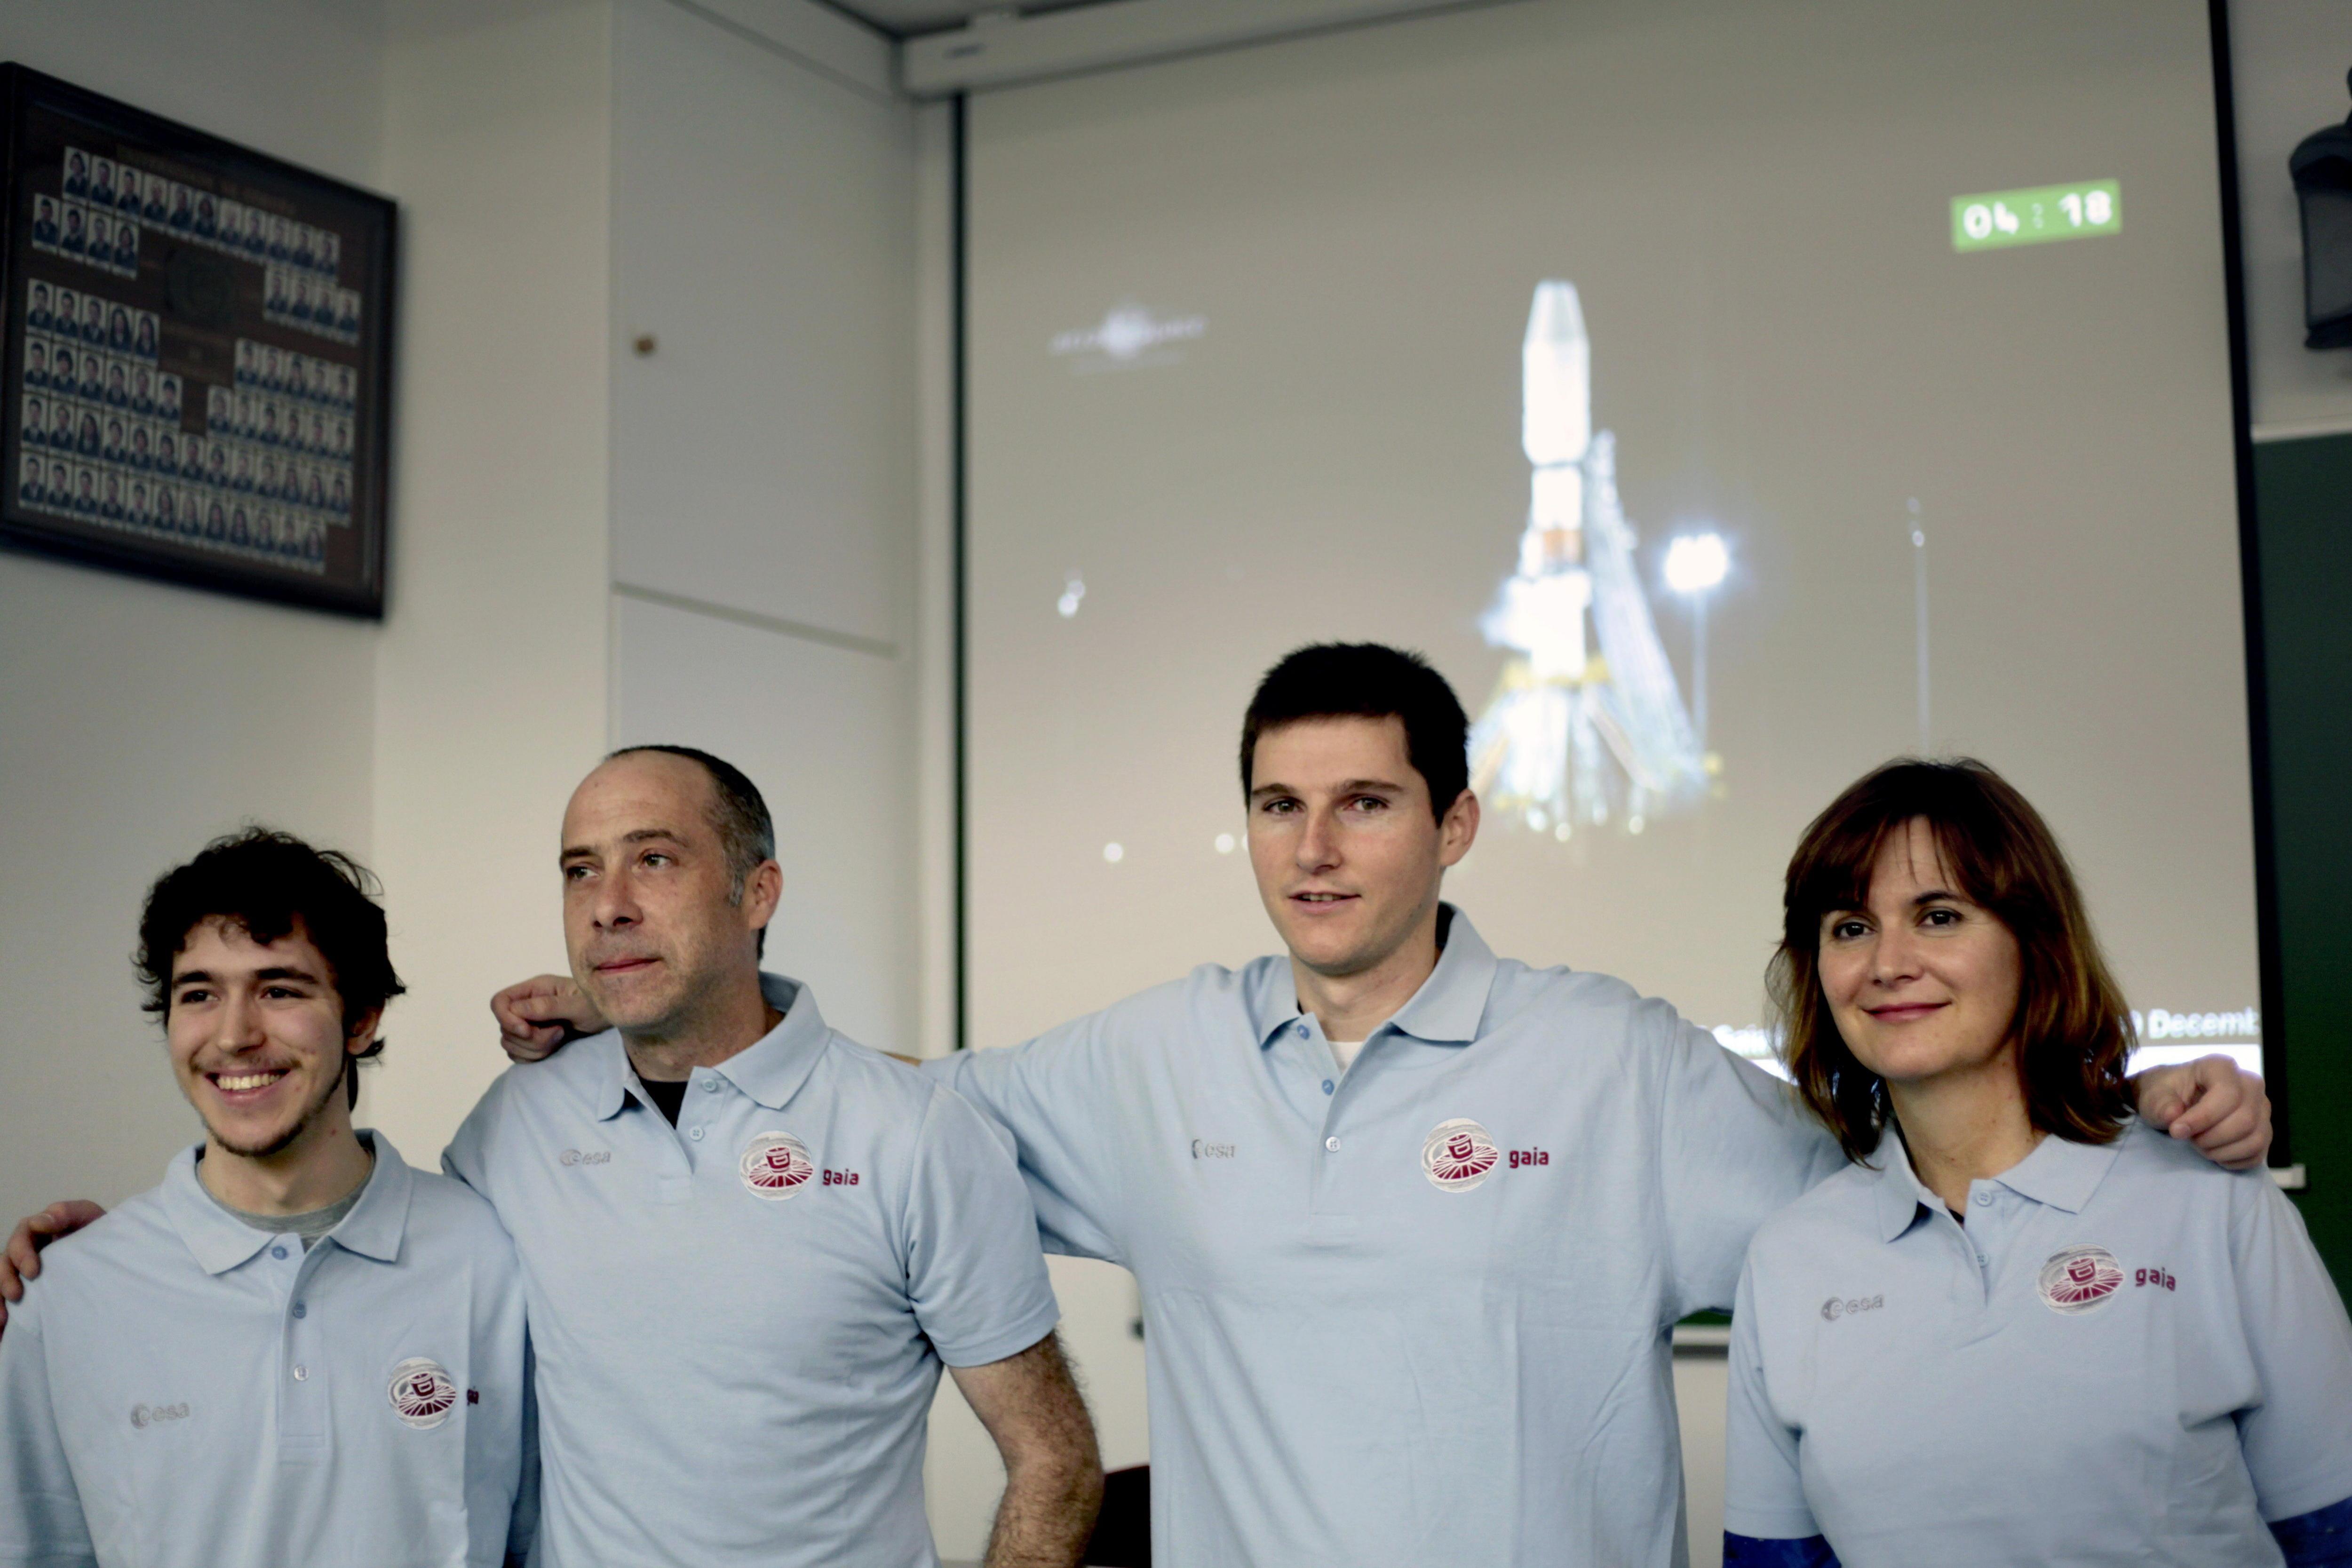 Científicos gallegos celebran el éxito en el lanzamiento del satélite Gaia